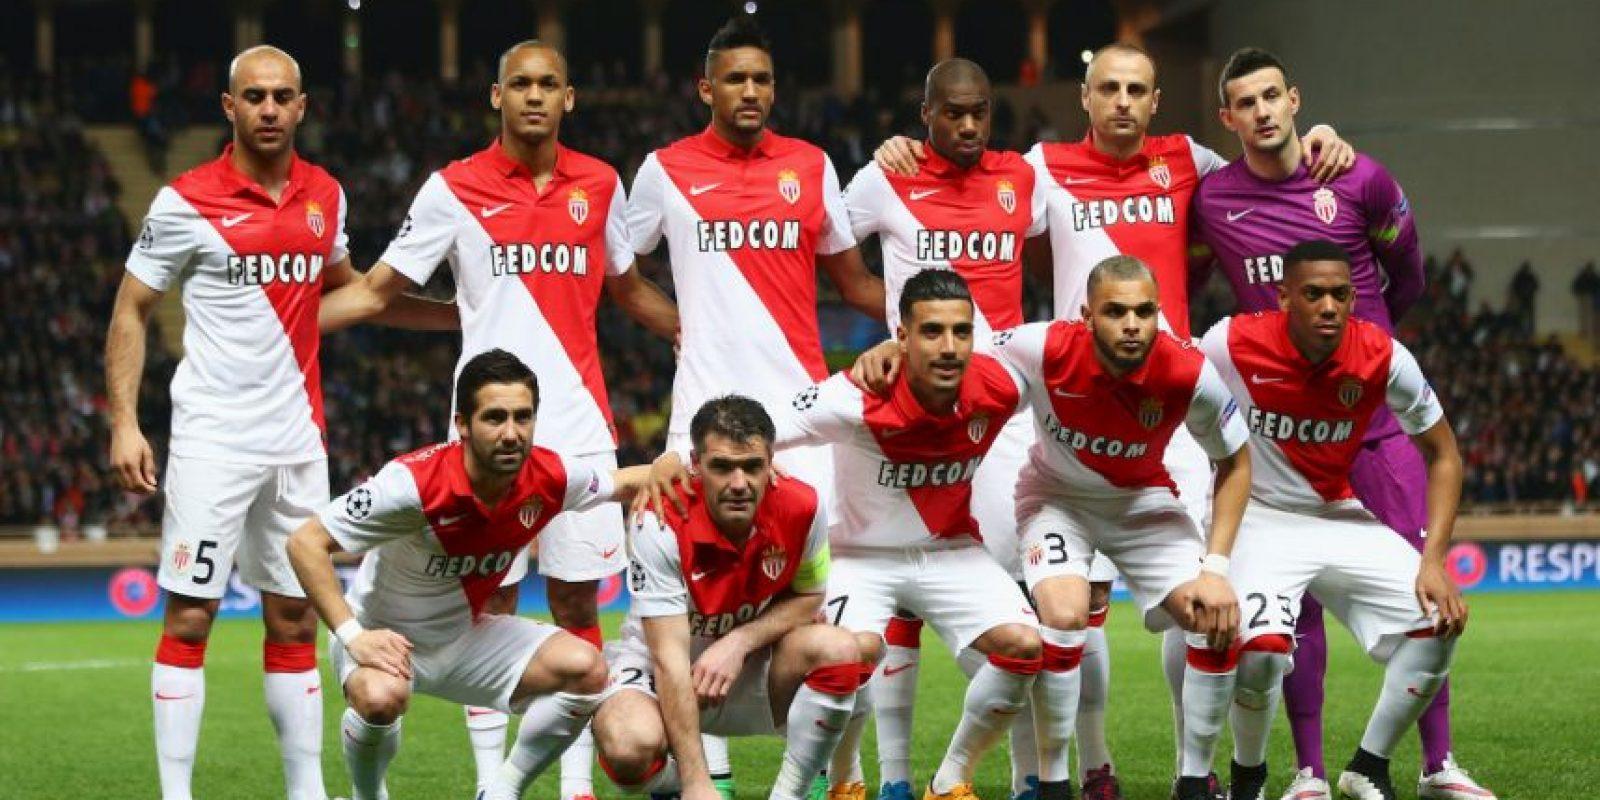 Equipo más joven: AS Mónaco (23.5 años) Foto:Getty Images